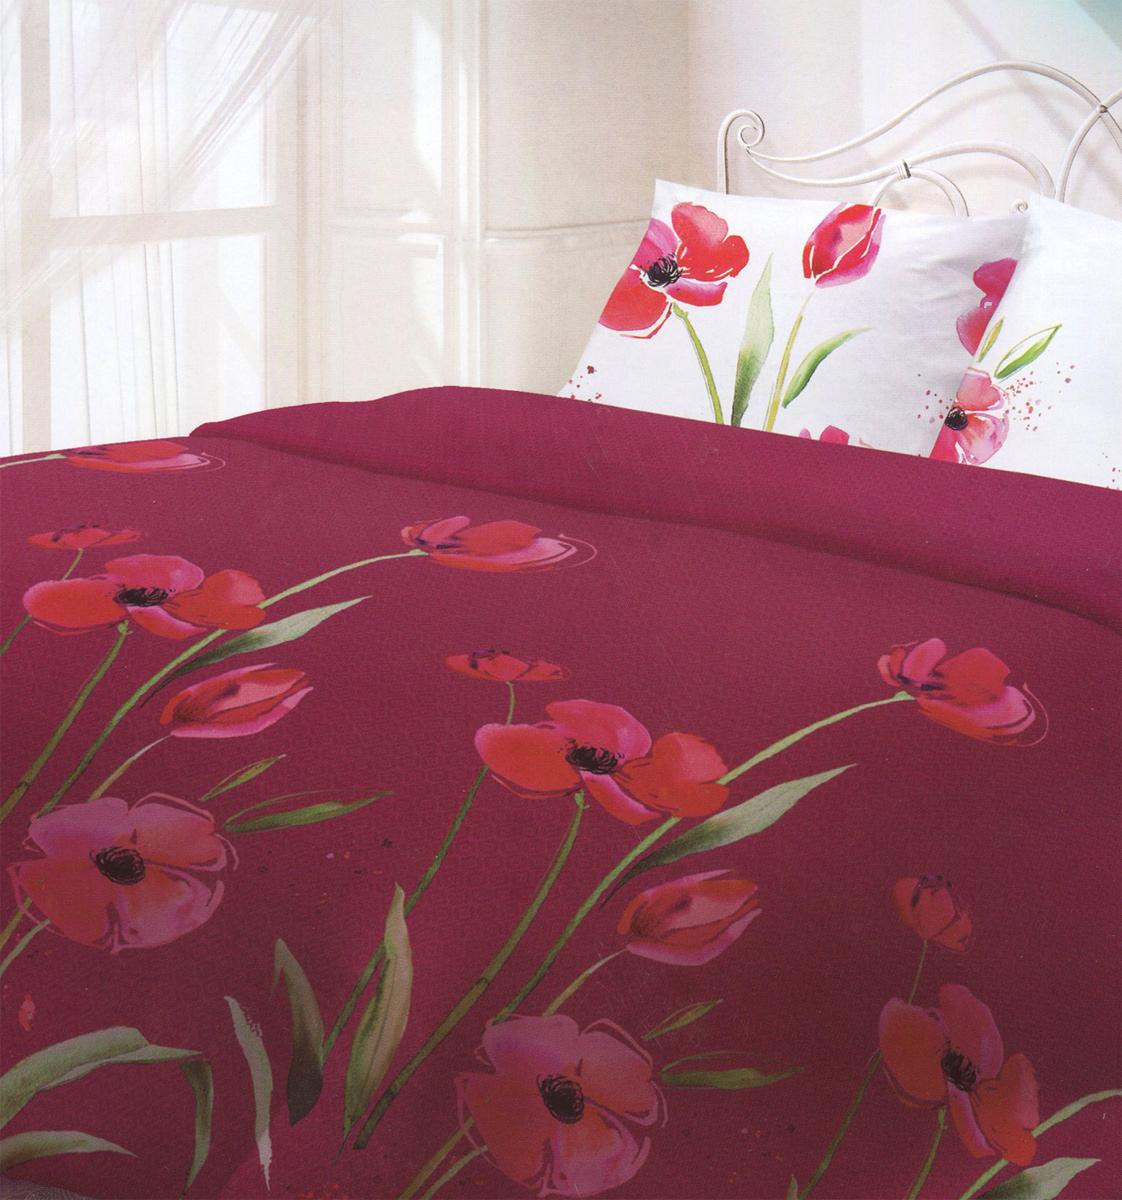 Комплект белья Гармония Маки, евро, наволочки 70x70, цвет: бордовый, белый, розовый190826Комплект постельного белья Гармония Маки является экологически безопасным, так как выполнен из поплина (100% хлопок). Комплект состоит из пододеяльника, простыни и двух наволочек. Постельное белье оформлено оригинальным рисунком и имеет изысканный внешний вид. Постельное белье Гармония - лучший выбор для современной хозяйки! Его отличают демократичная цена и отличное качество. Гармония производится из поплина - 100% хлопковой ткани. Поплин мягкий и приятный на ощупь. Кроме того, эта ткань не требует особого ухода, легко стирается и прекрасно держит форму. Высококачественные красители, которые используются при производстве постельного белья, экологичны и сохраняют свой цвет даже после многочисленных стирок. Благодаря высокому качеству ткани и европейским стандартам пошива постельное белье Гармония будет радовать вас долгие годы!